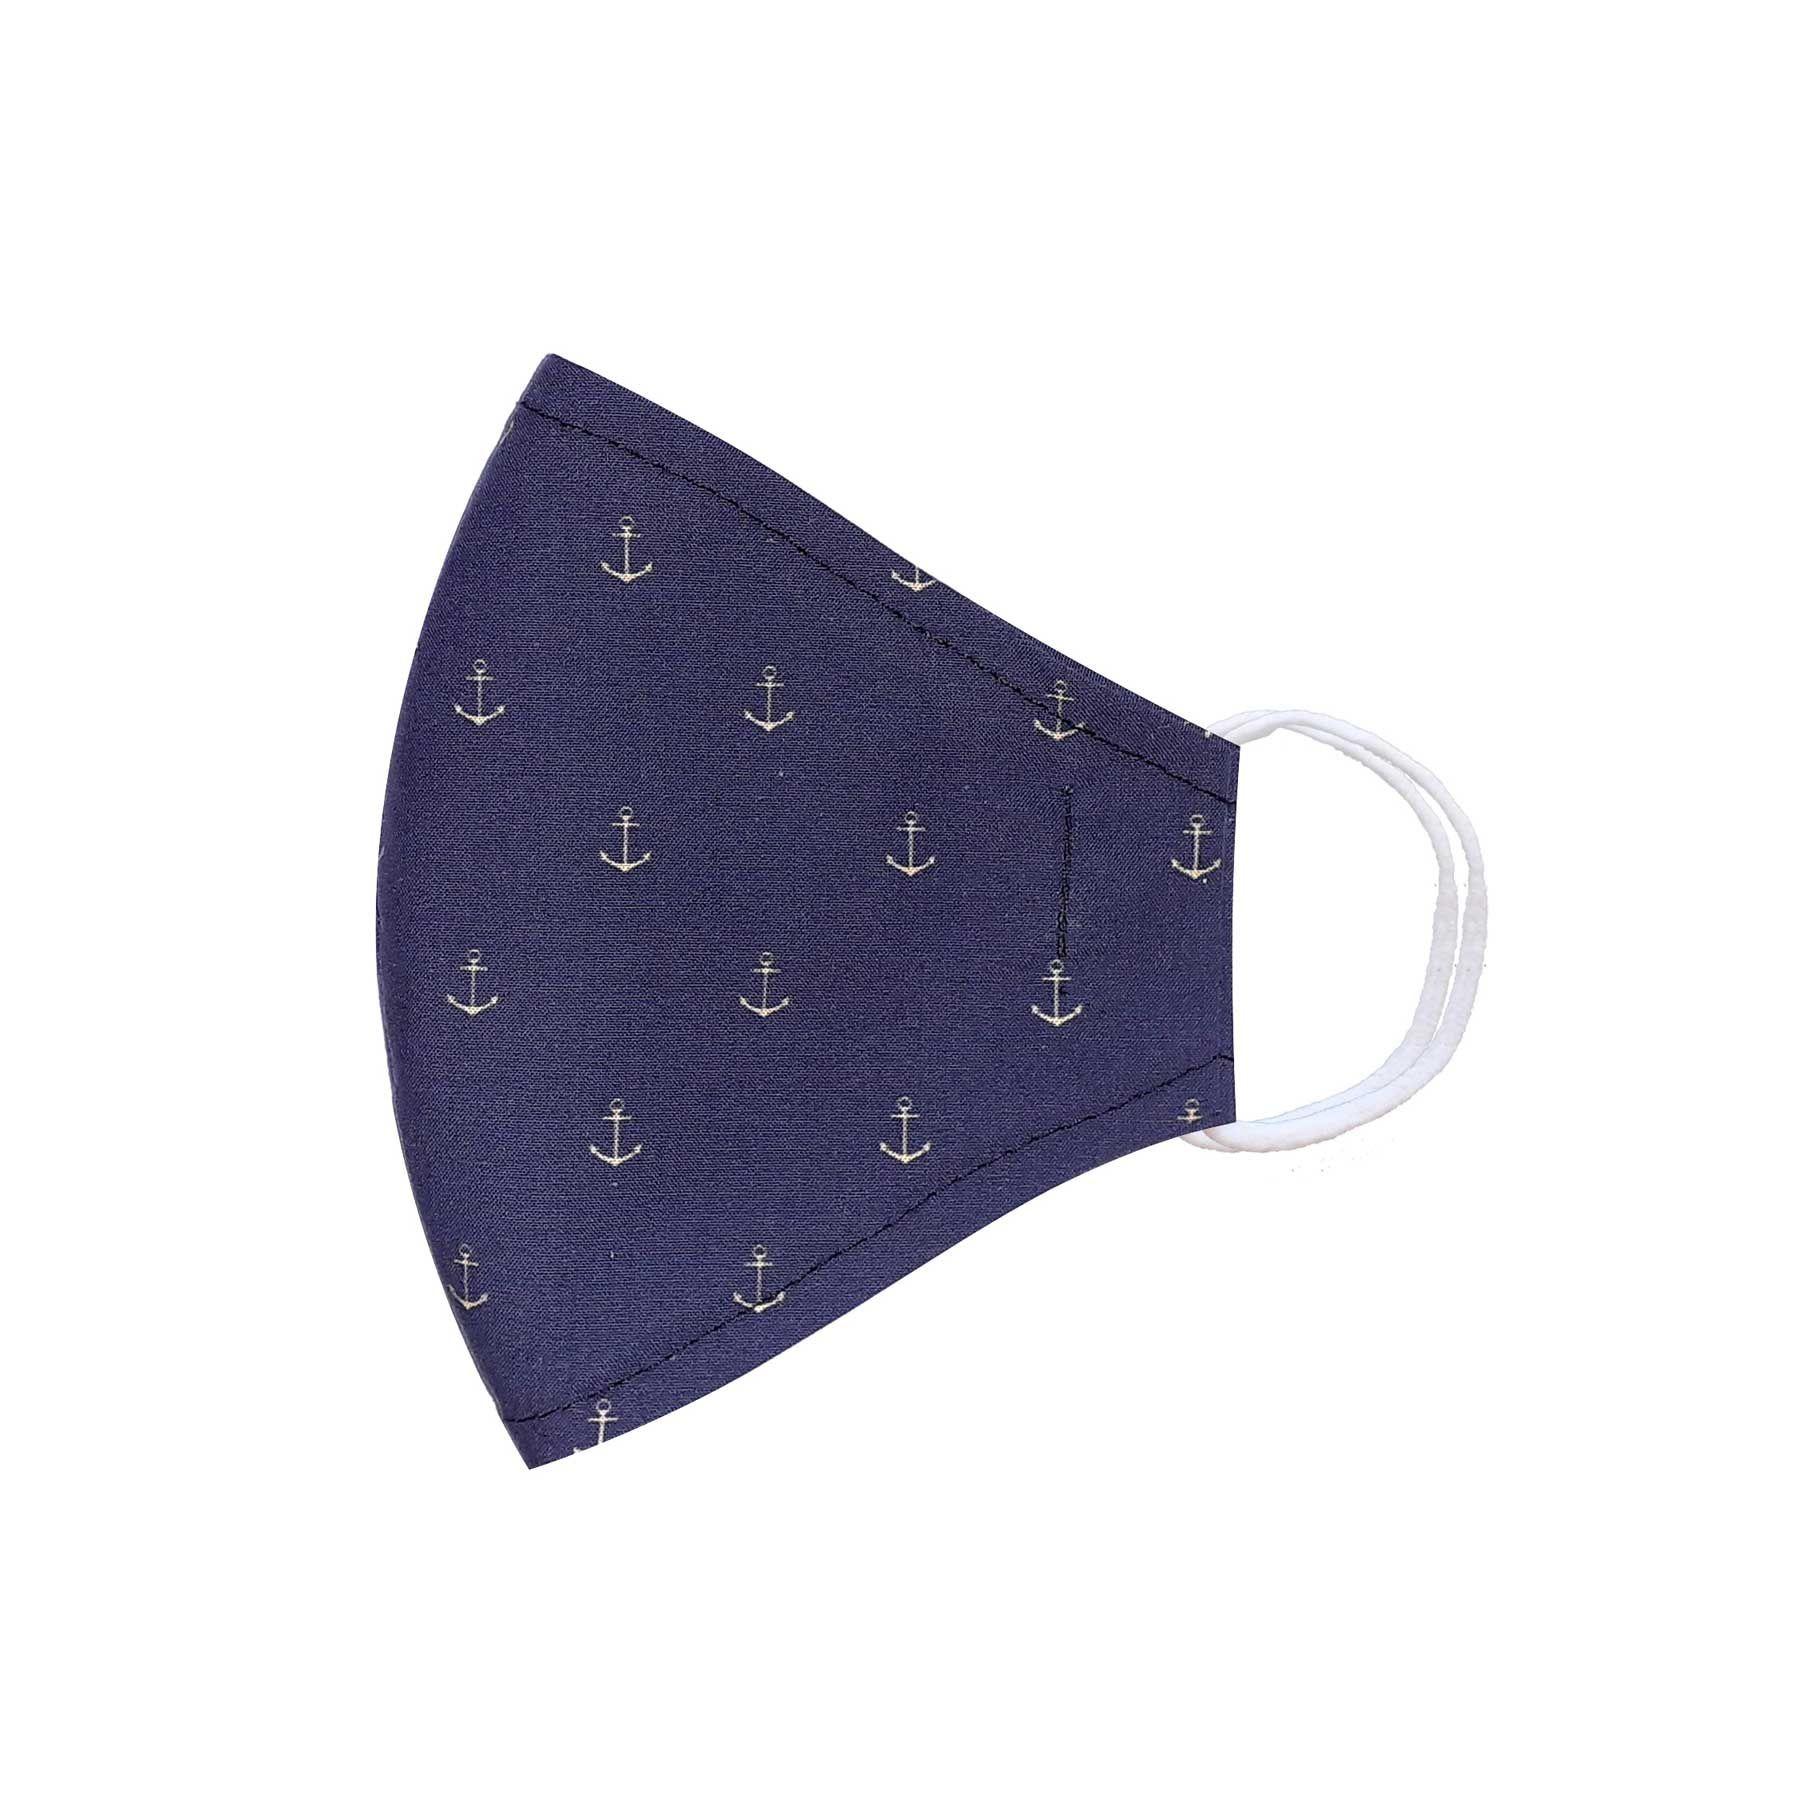 Módní třívrstvé bavlněné ústní roušky tvarované, modrá s kotvičkami s gumičkami pánské